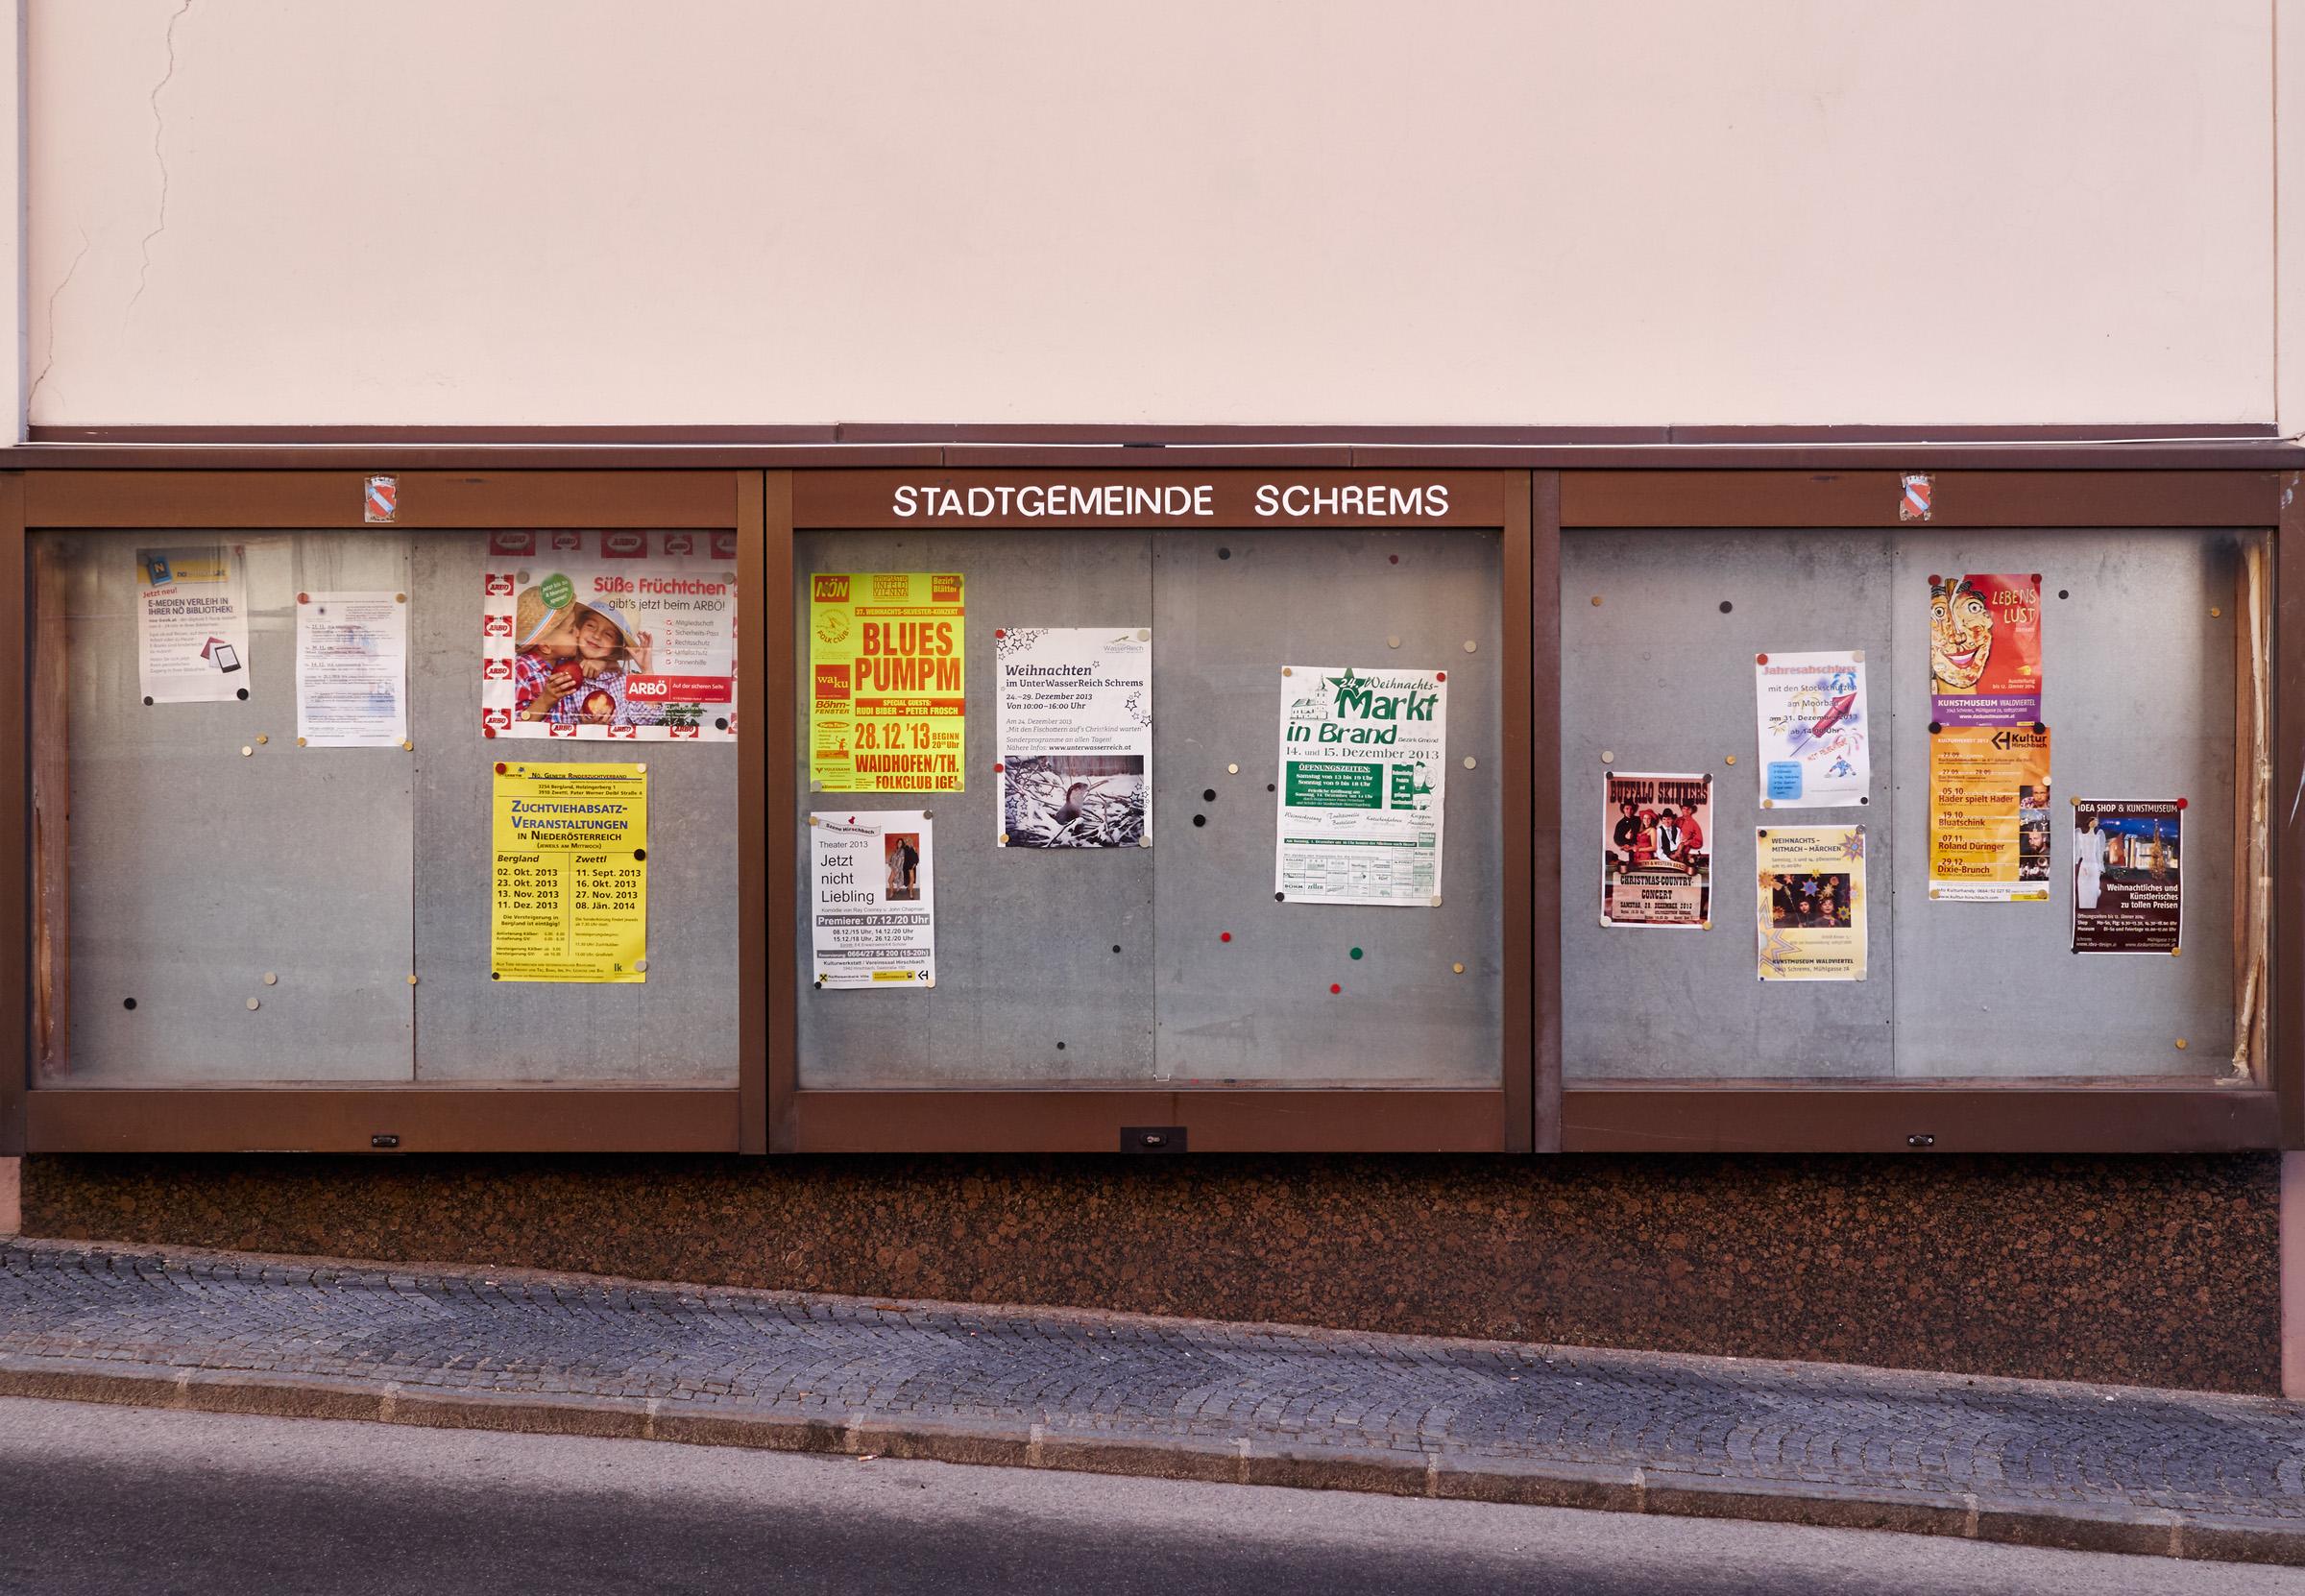 Schrems Josef-Widy-Straße nah 2013-12-16.jpg